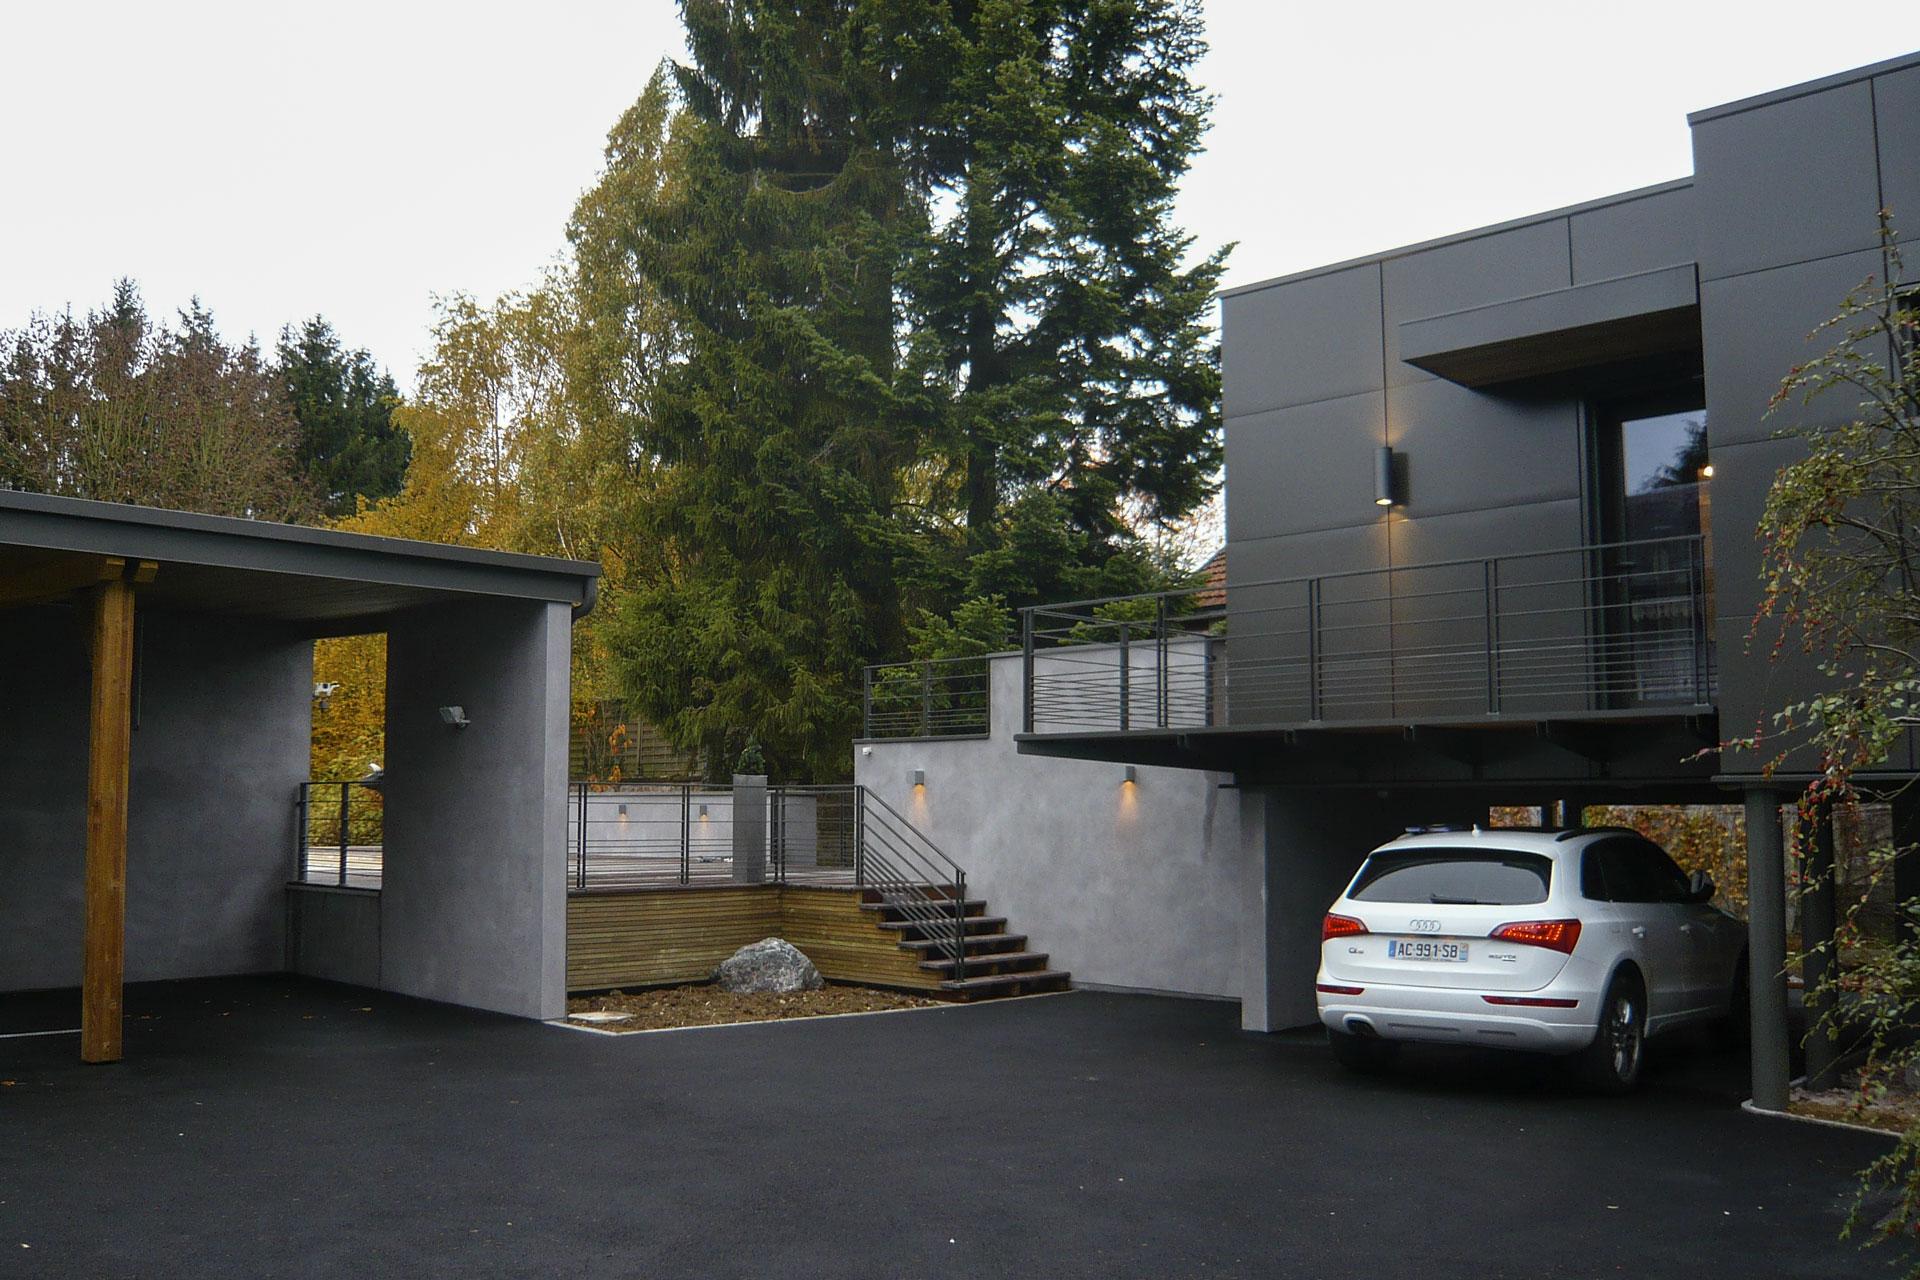 maison contemporaine 08 10. Black Bedroom Furniture Sets. Home Design Ideas